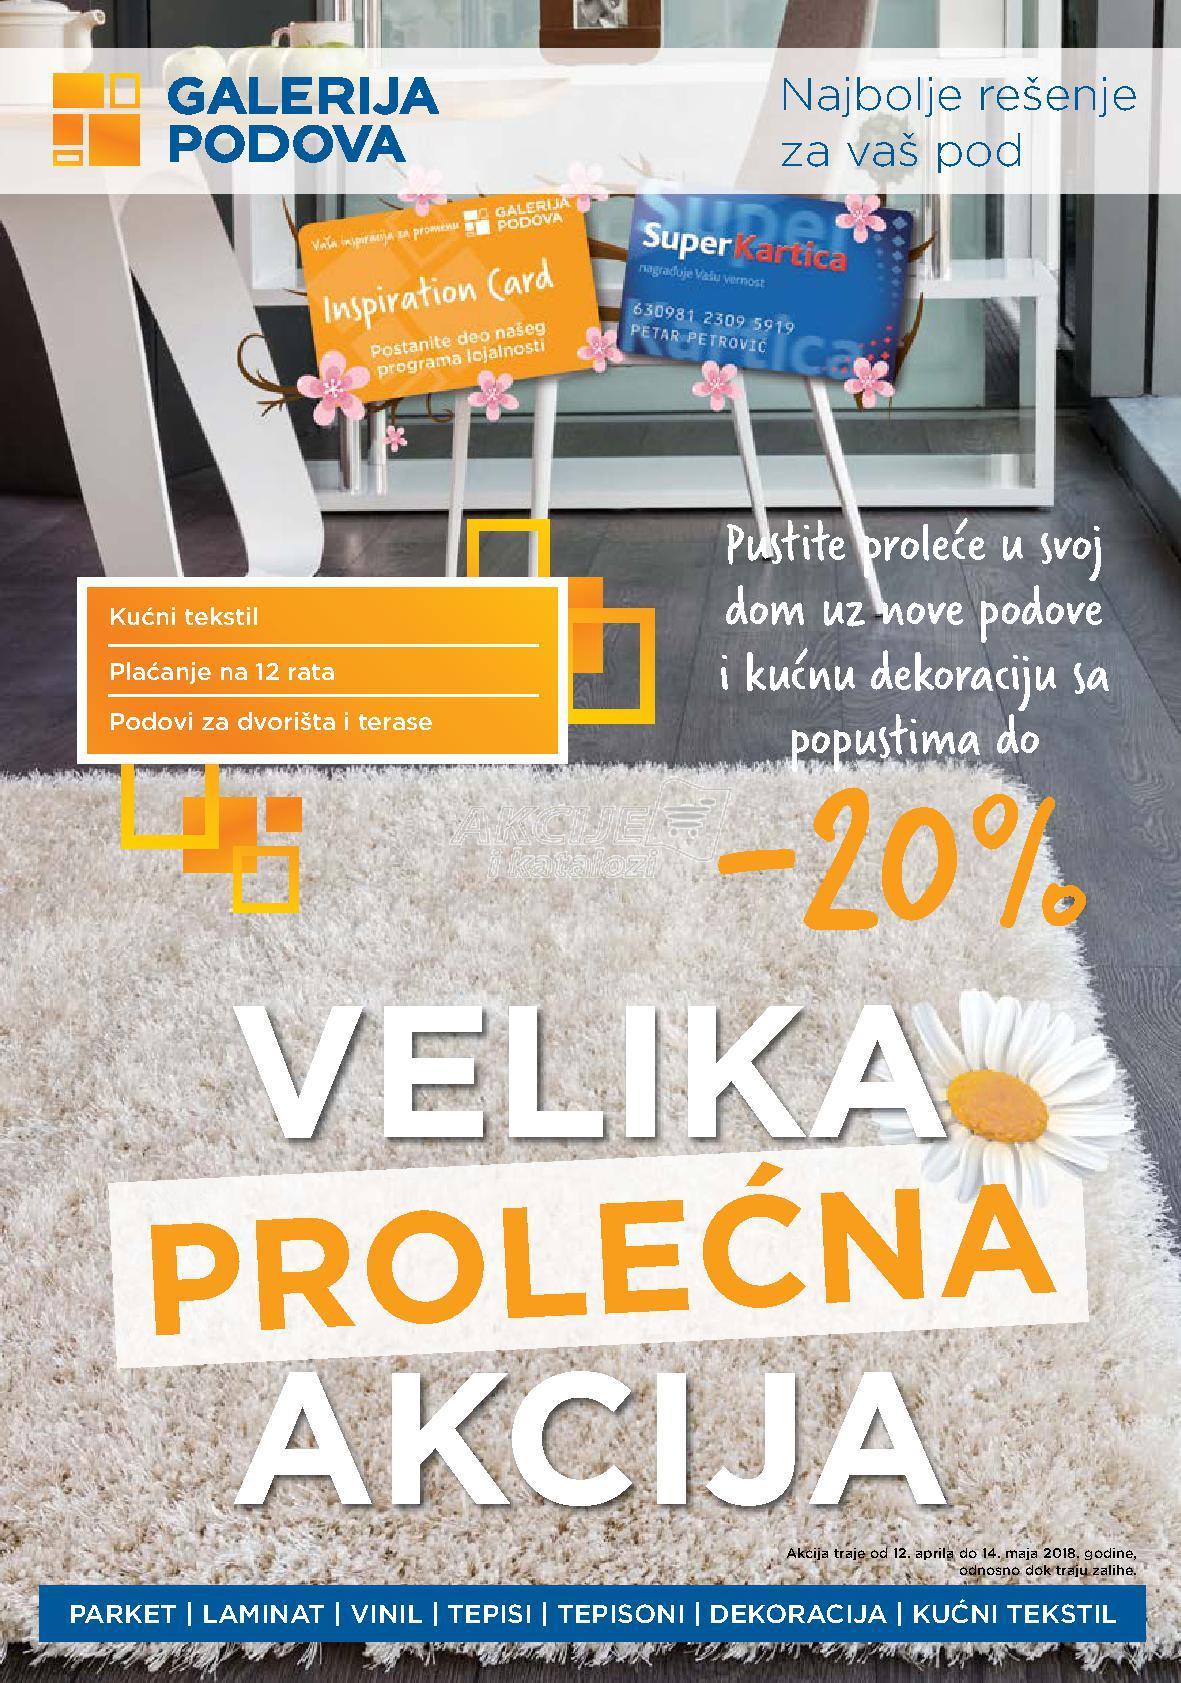 Galerija podova - Redovna akcija prolećne kupovine